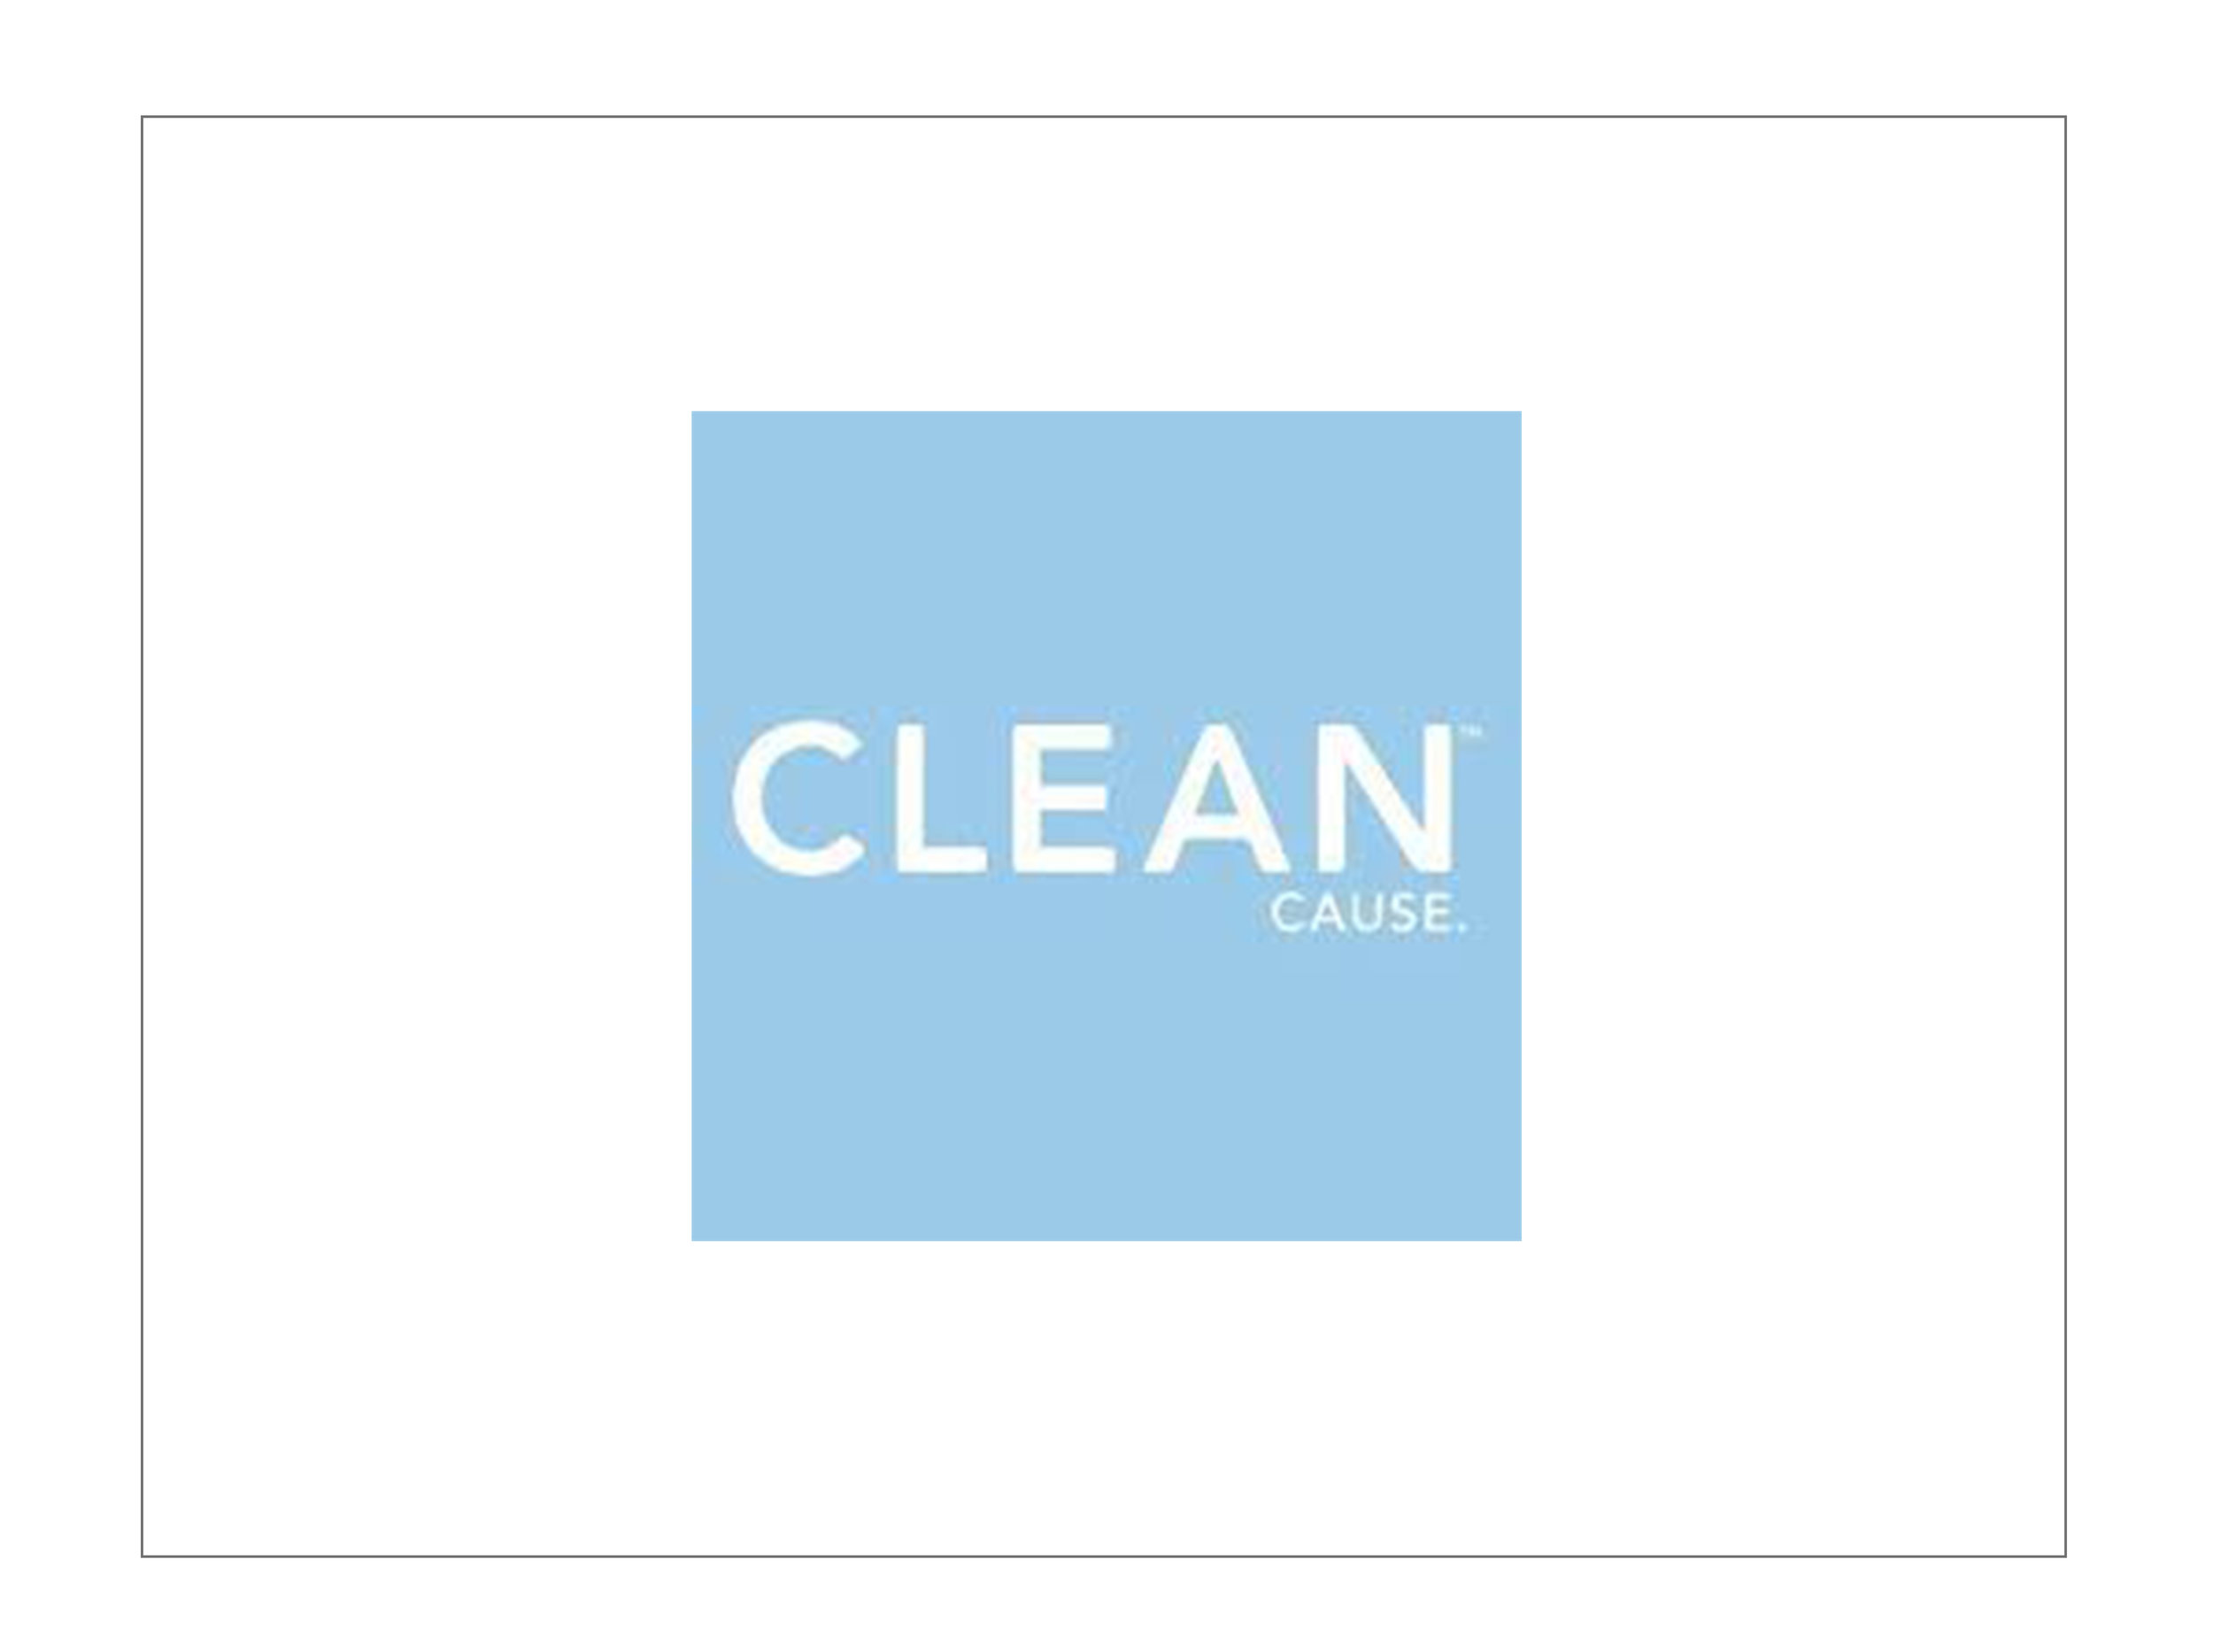 clean_cause.jpg